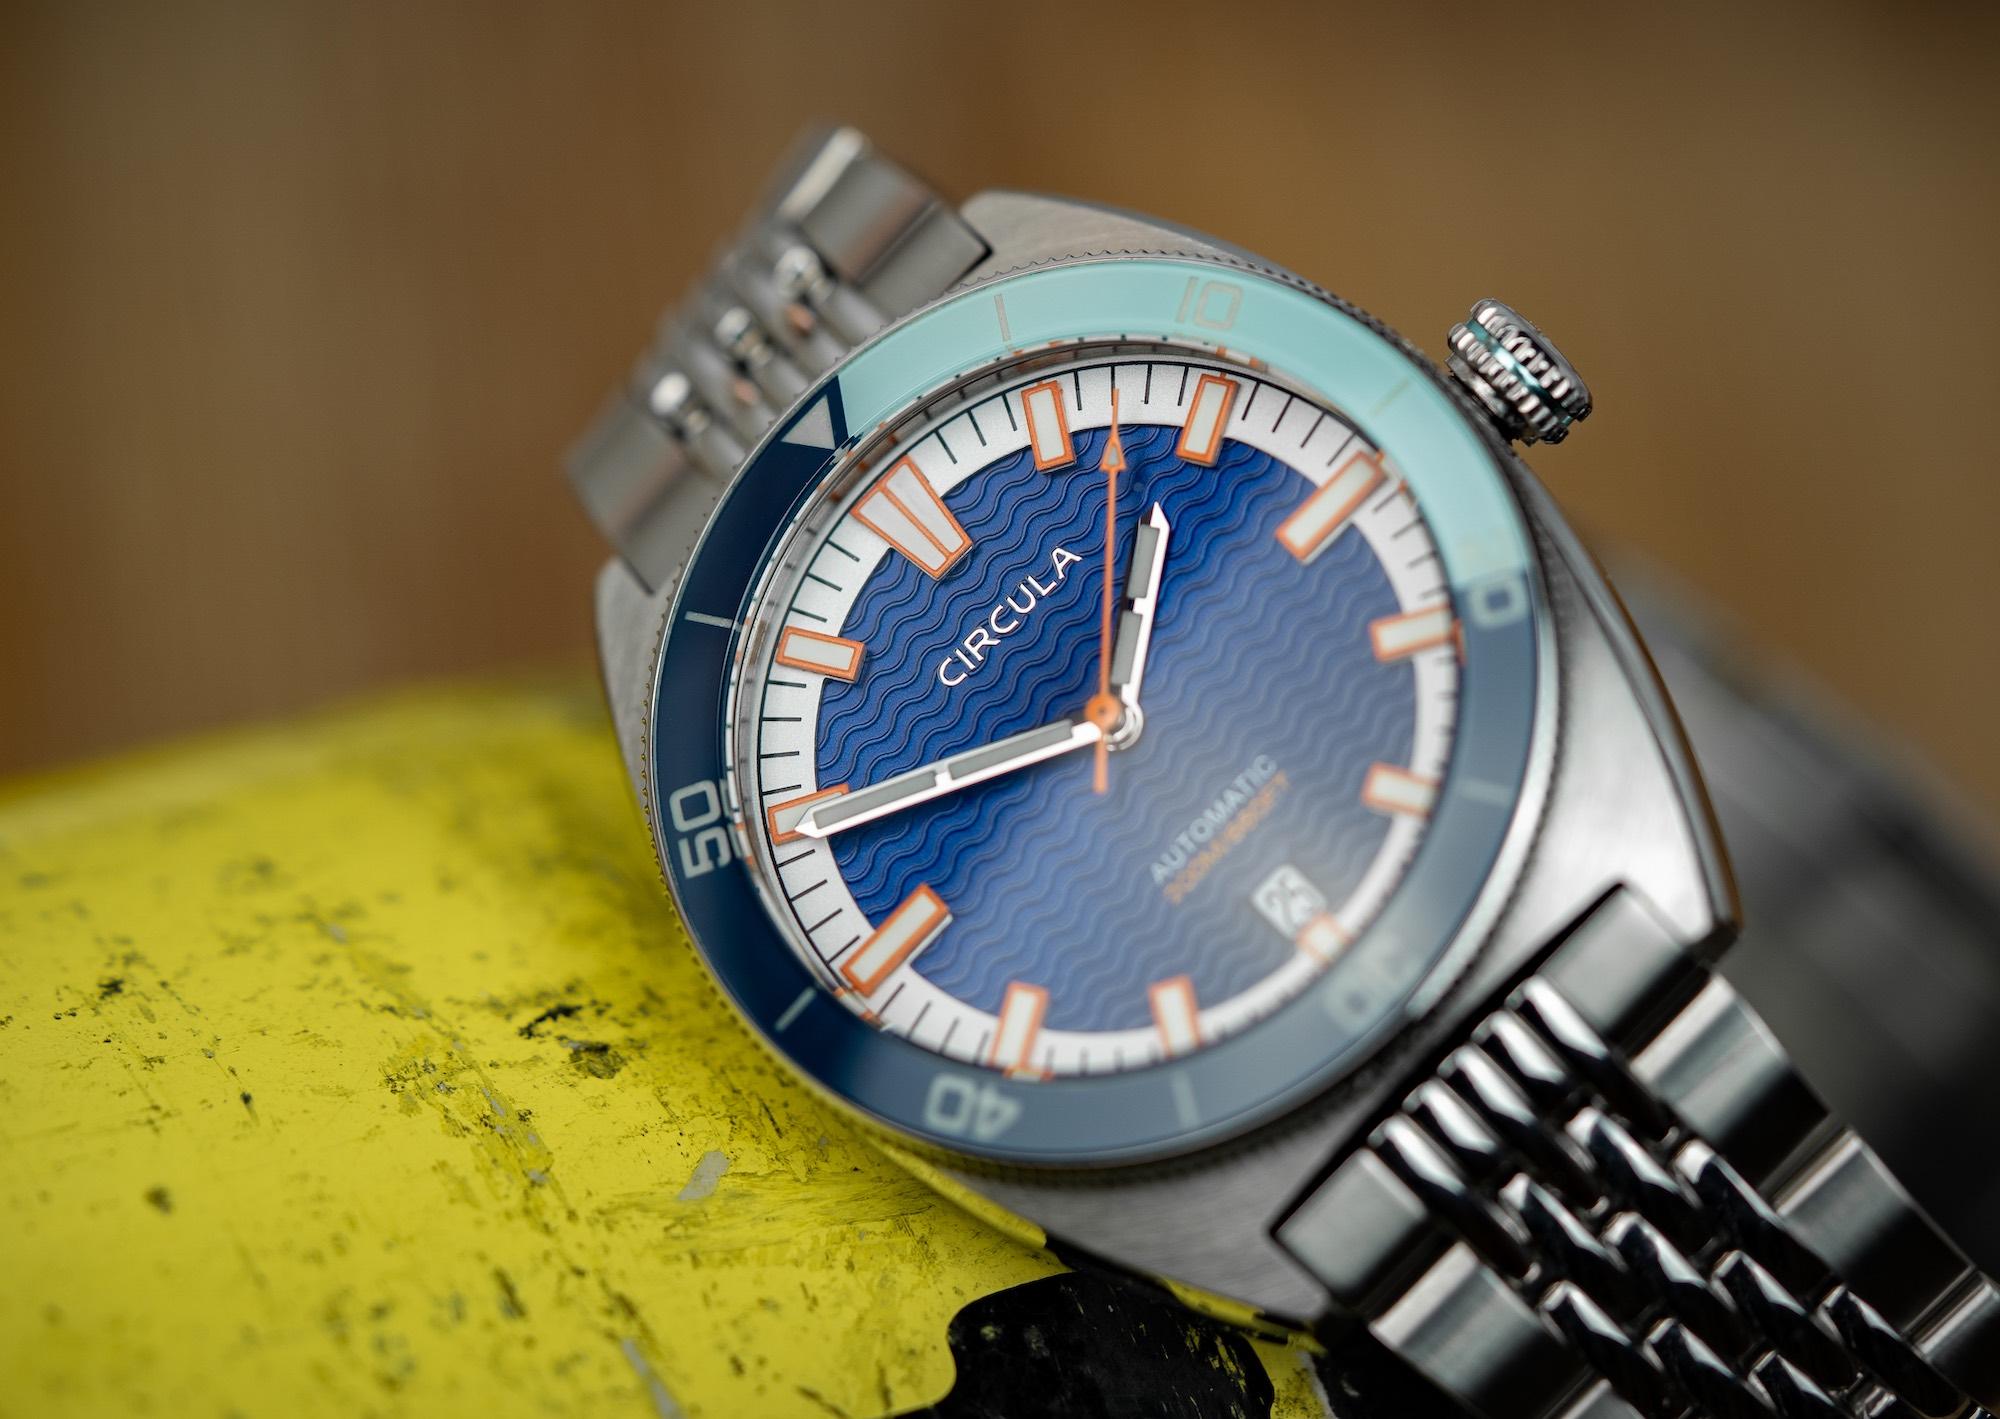 Circula AquaSport Dive Watch - 7